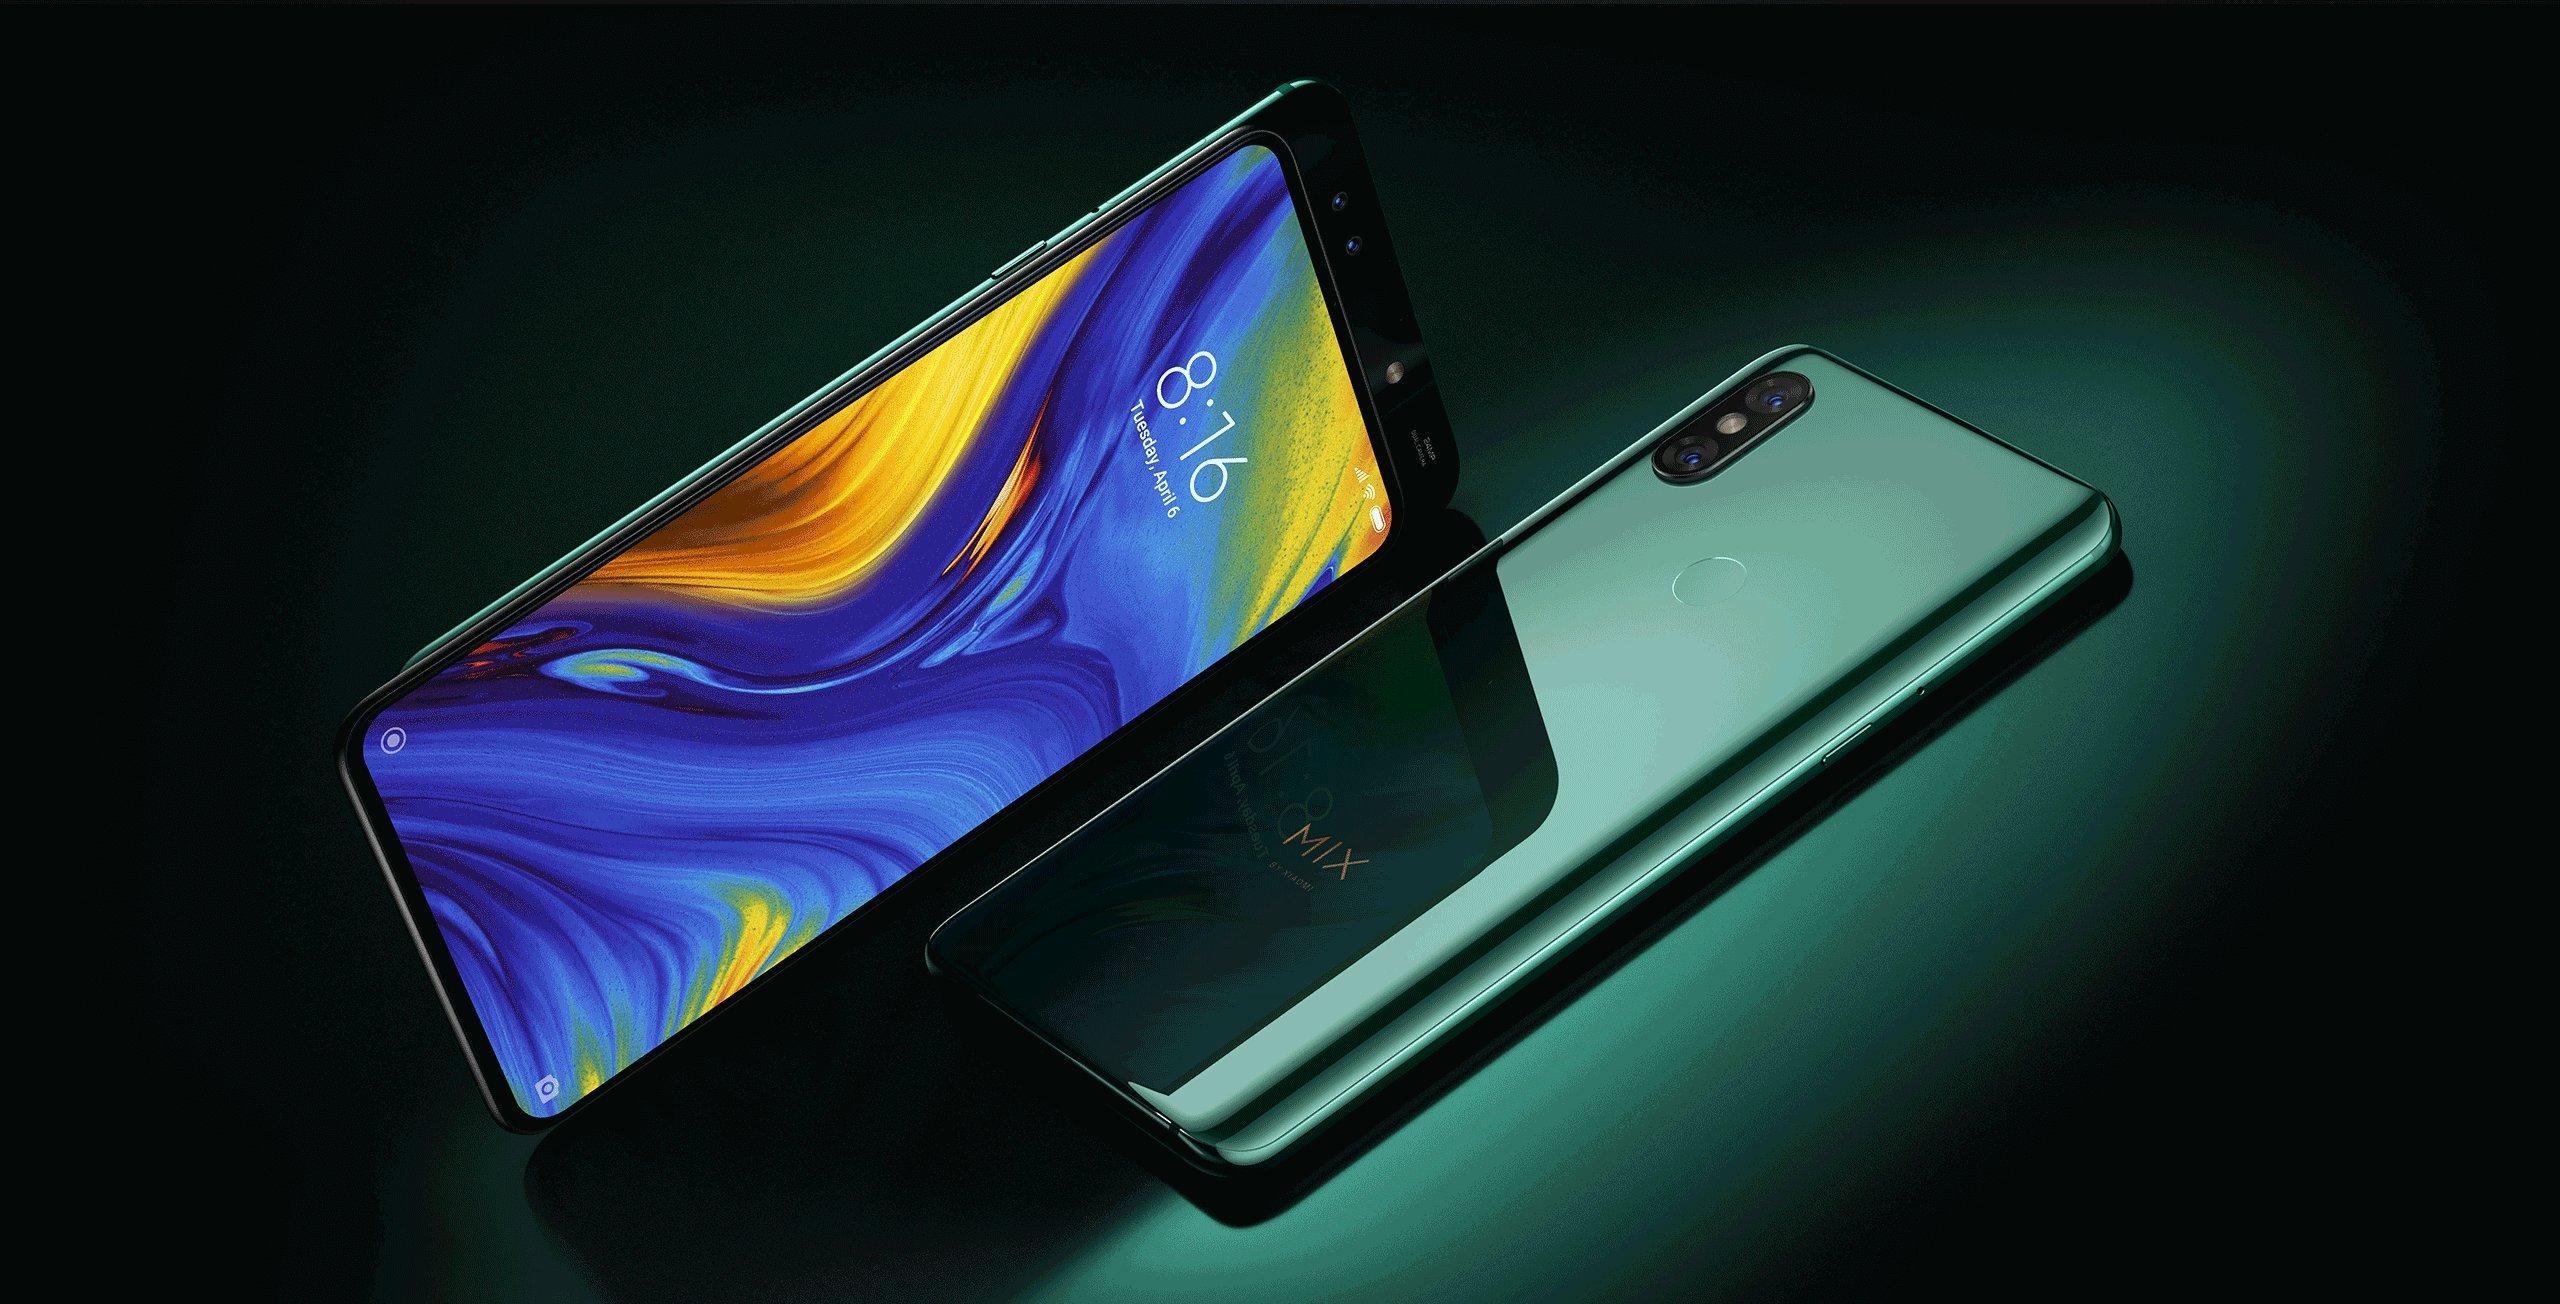 Mi MIX 3 okostelefon - 6+128GB, smaragdzöld - Global